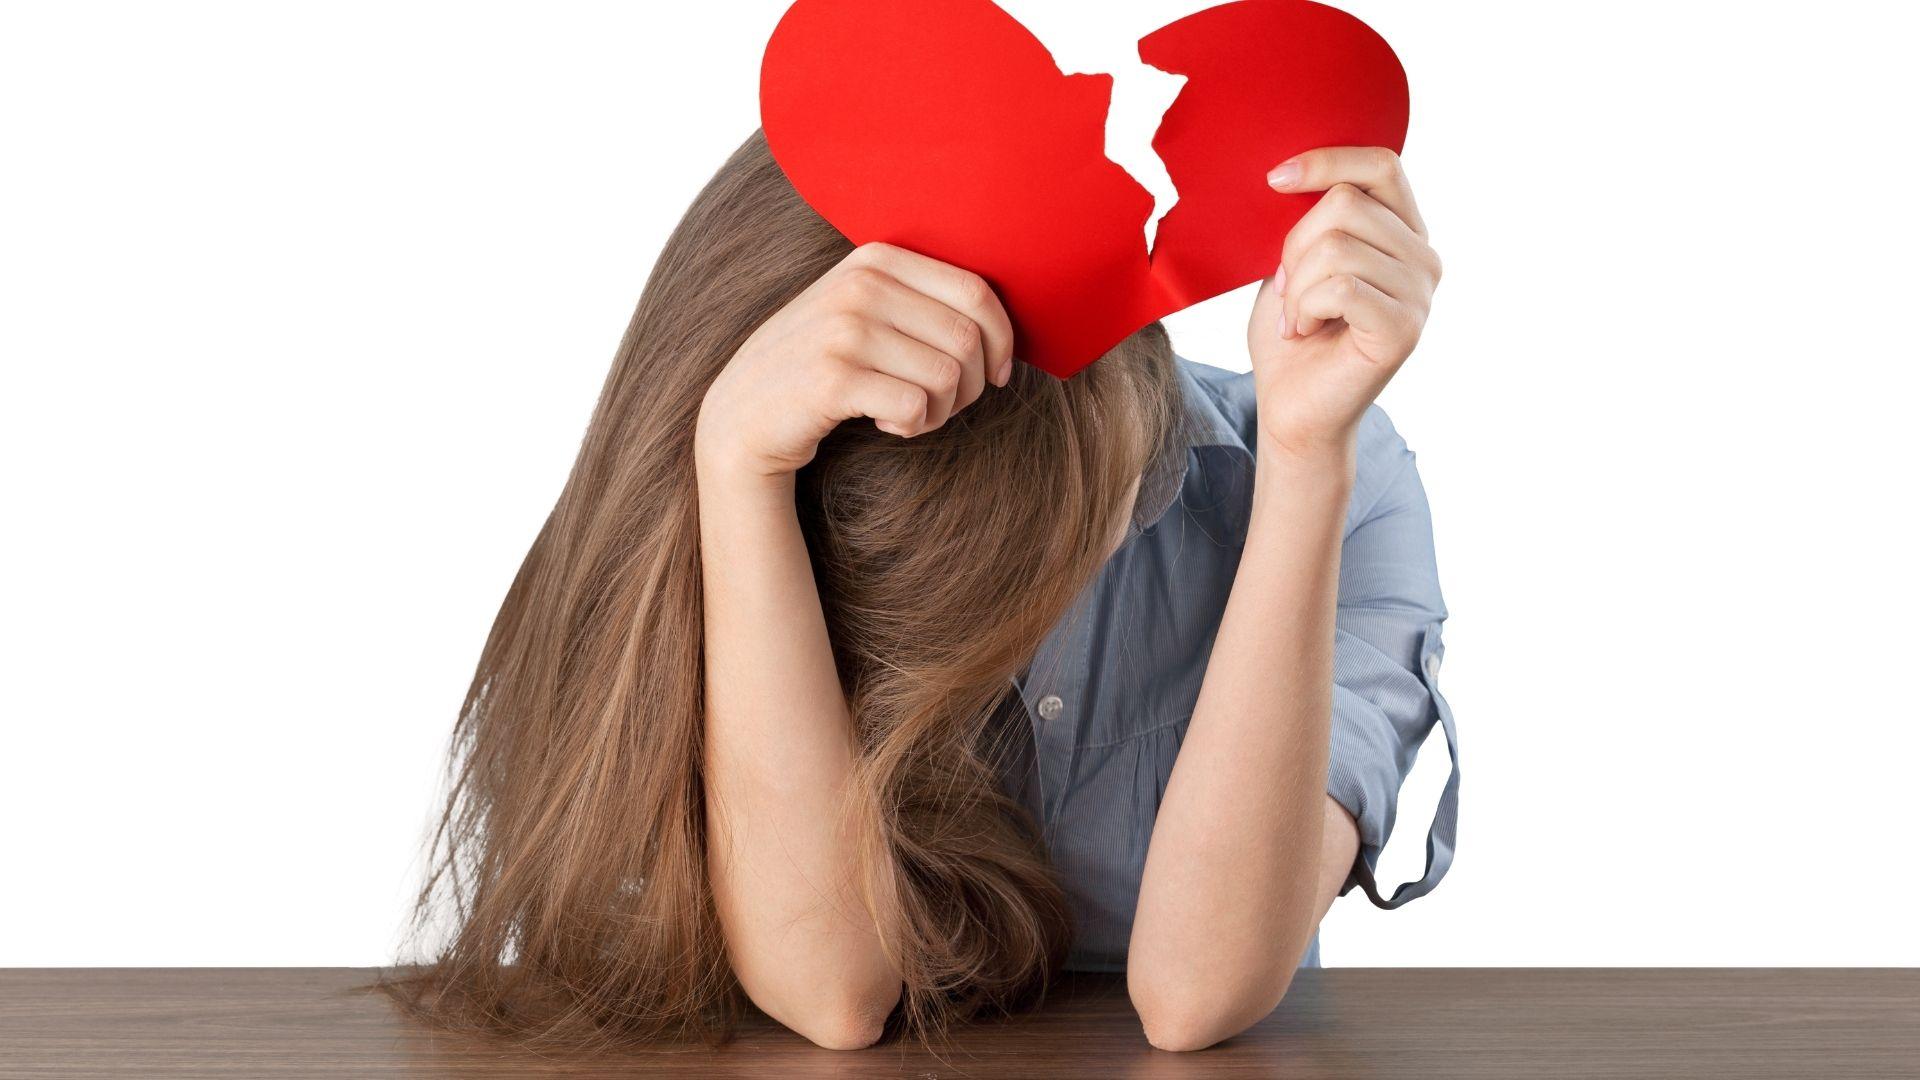 Jeune fille accoudée sur une table, se cachant le visage dans les bras et brandissant un coeur en papier brisé en deux